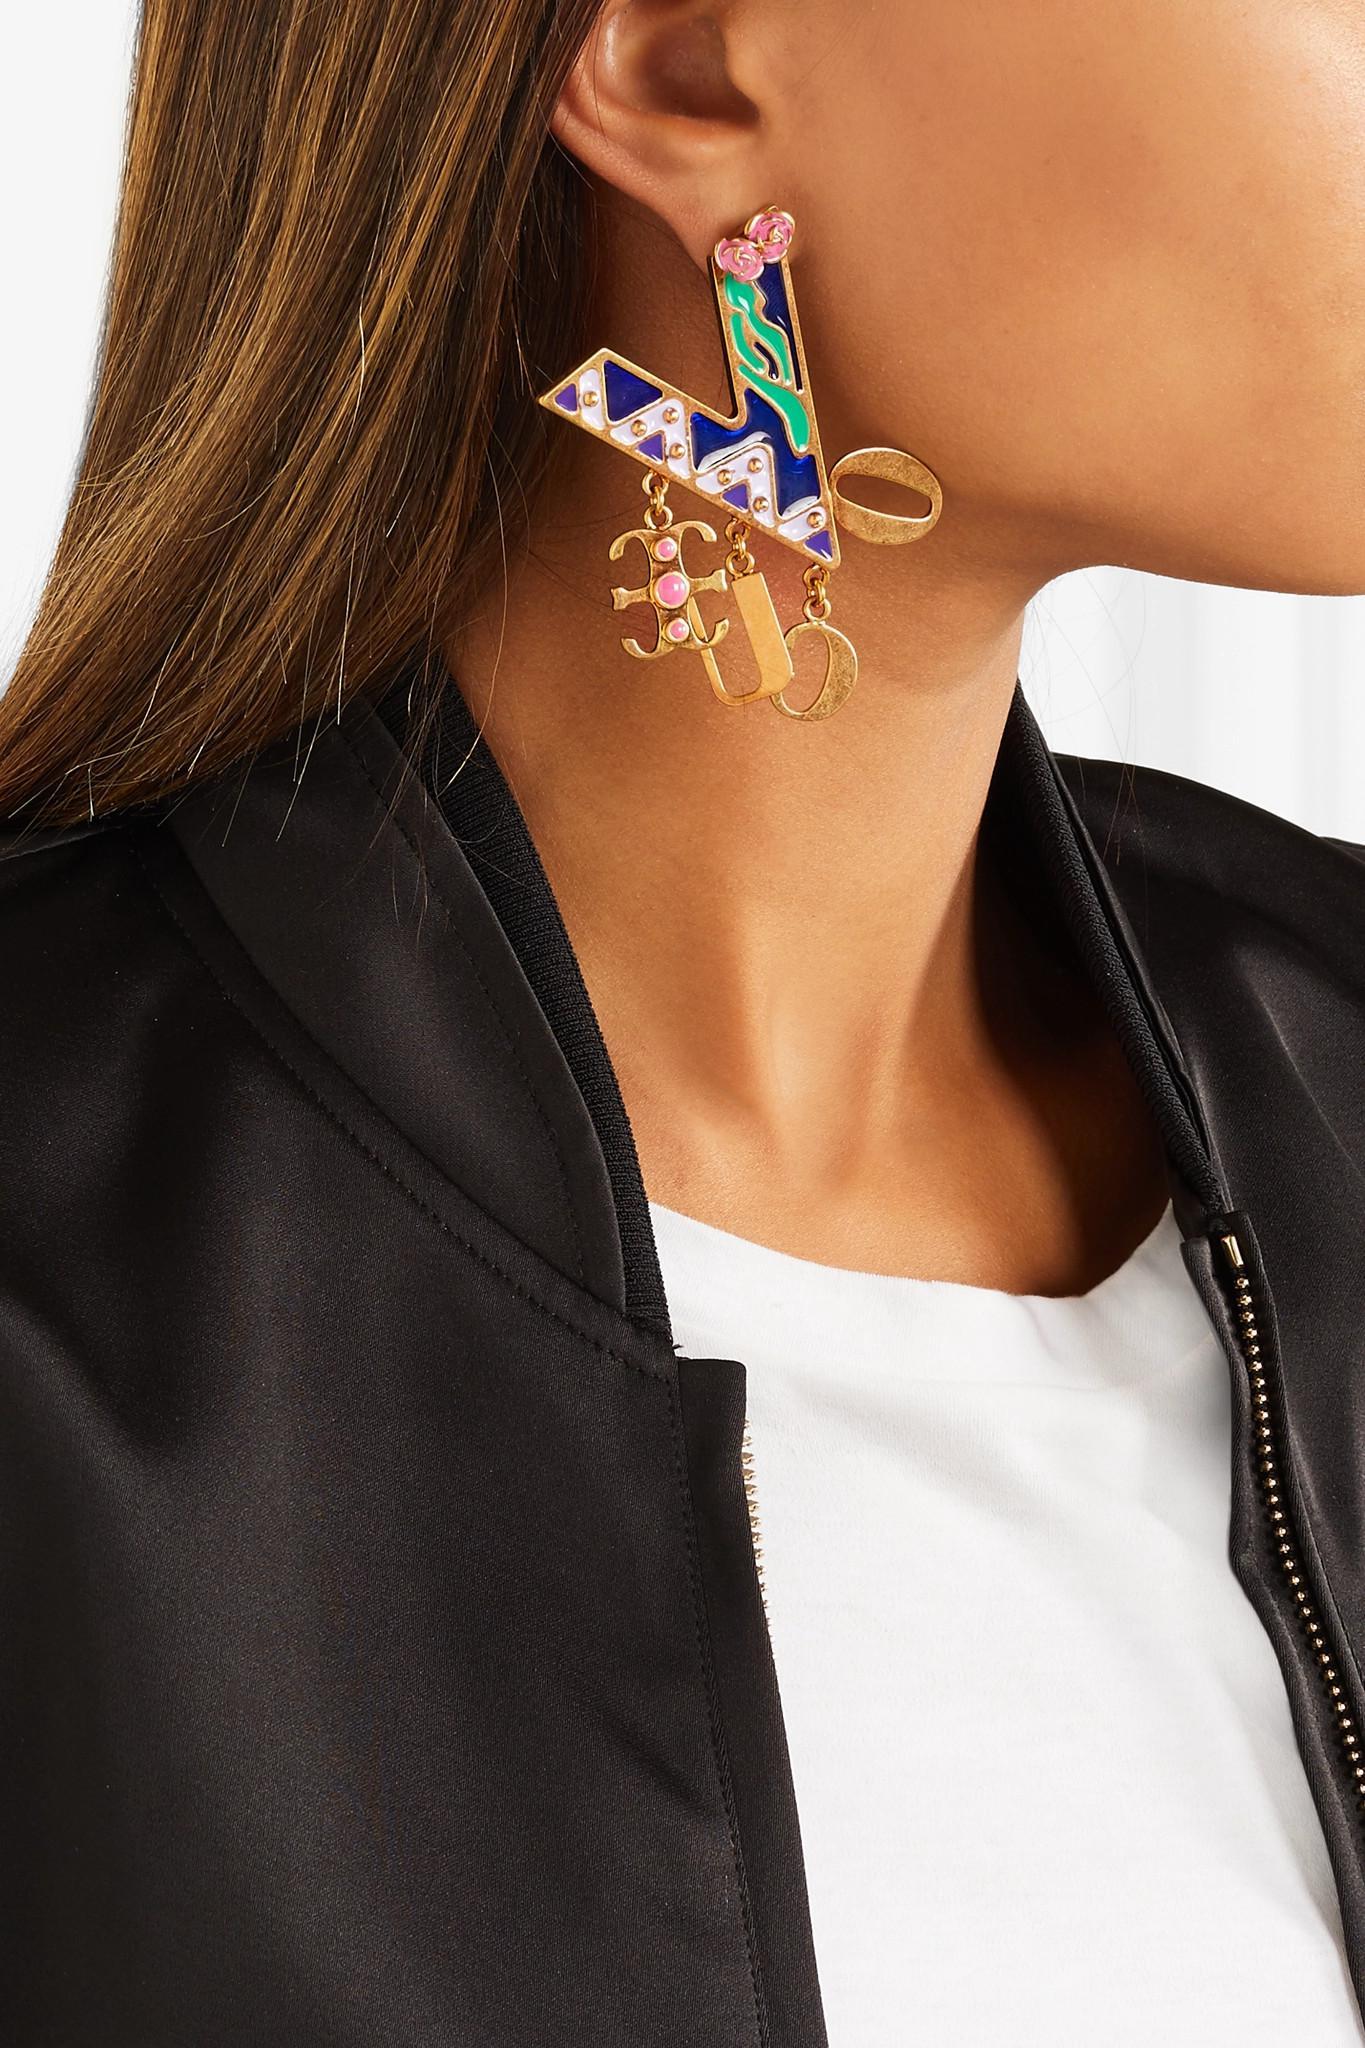 Gold-tone Enamel Earrings - Blue Versace tbl5d0W7X